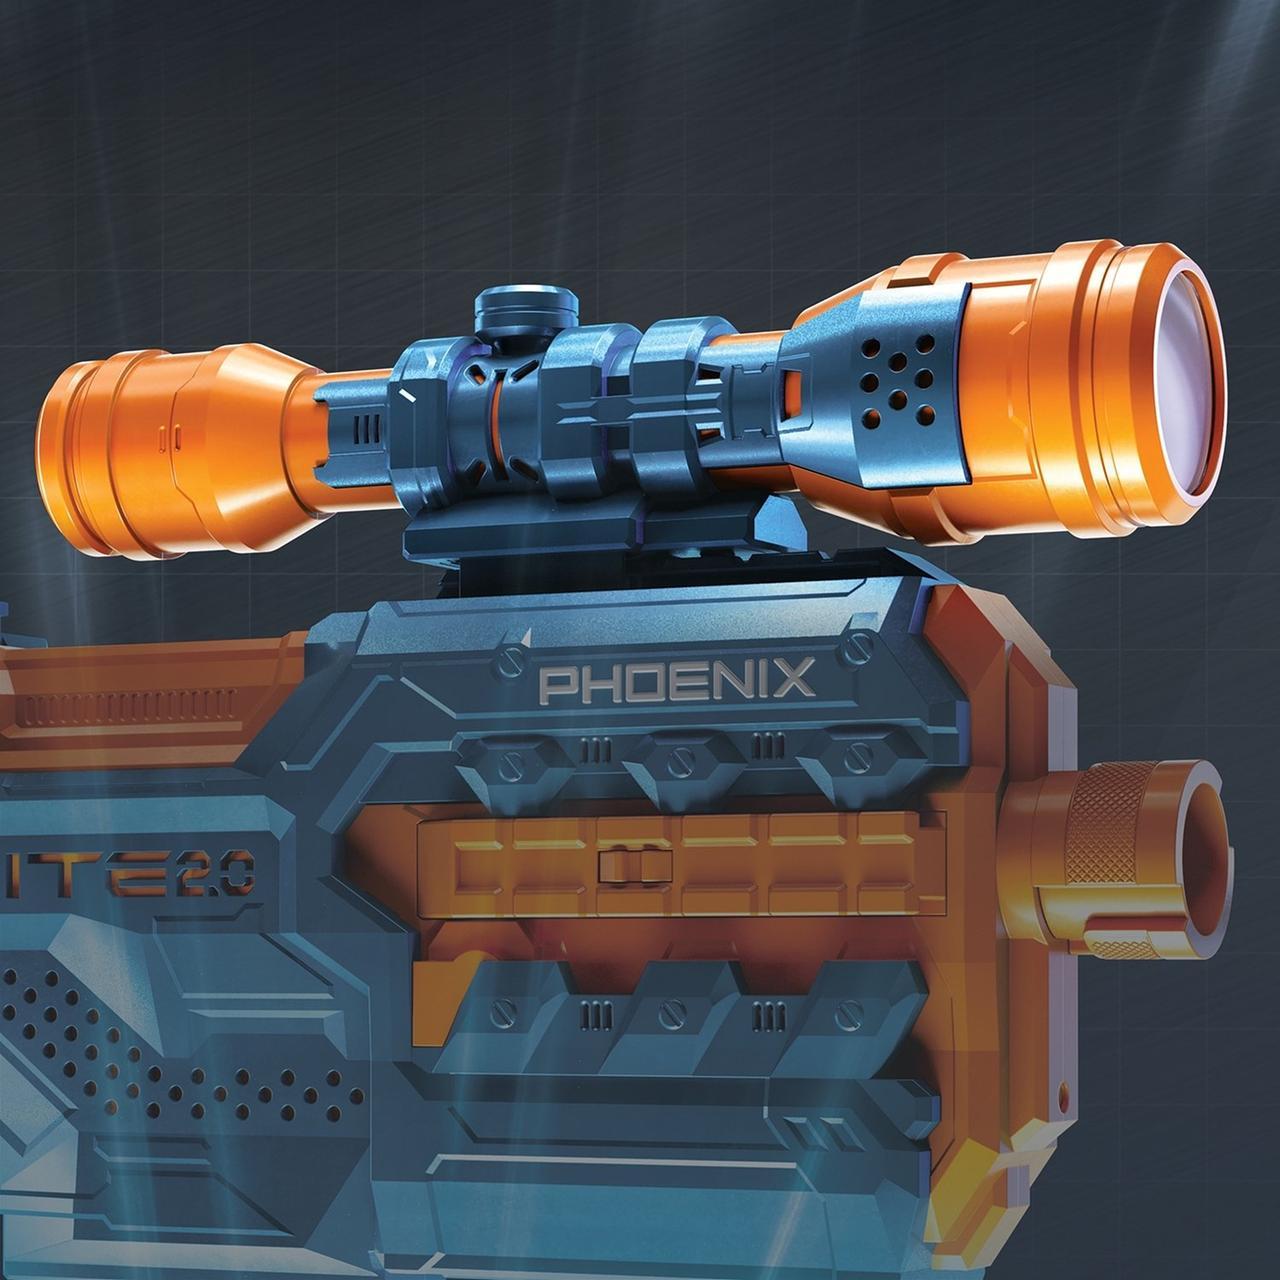 Nerf Hasbro Бластер Elite 2.0 Phoenix, Нёрф - фото 5